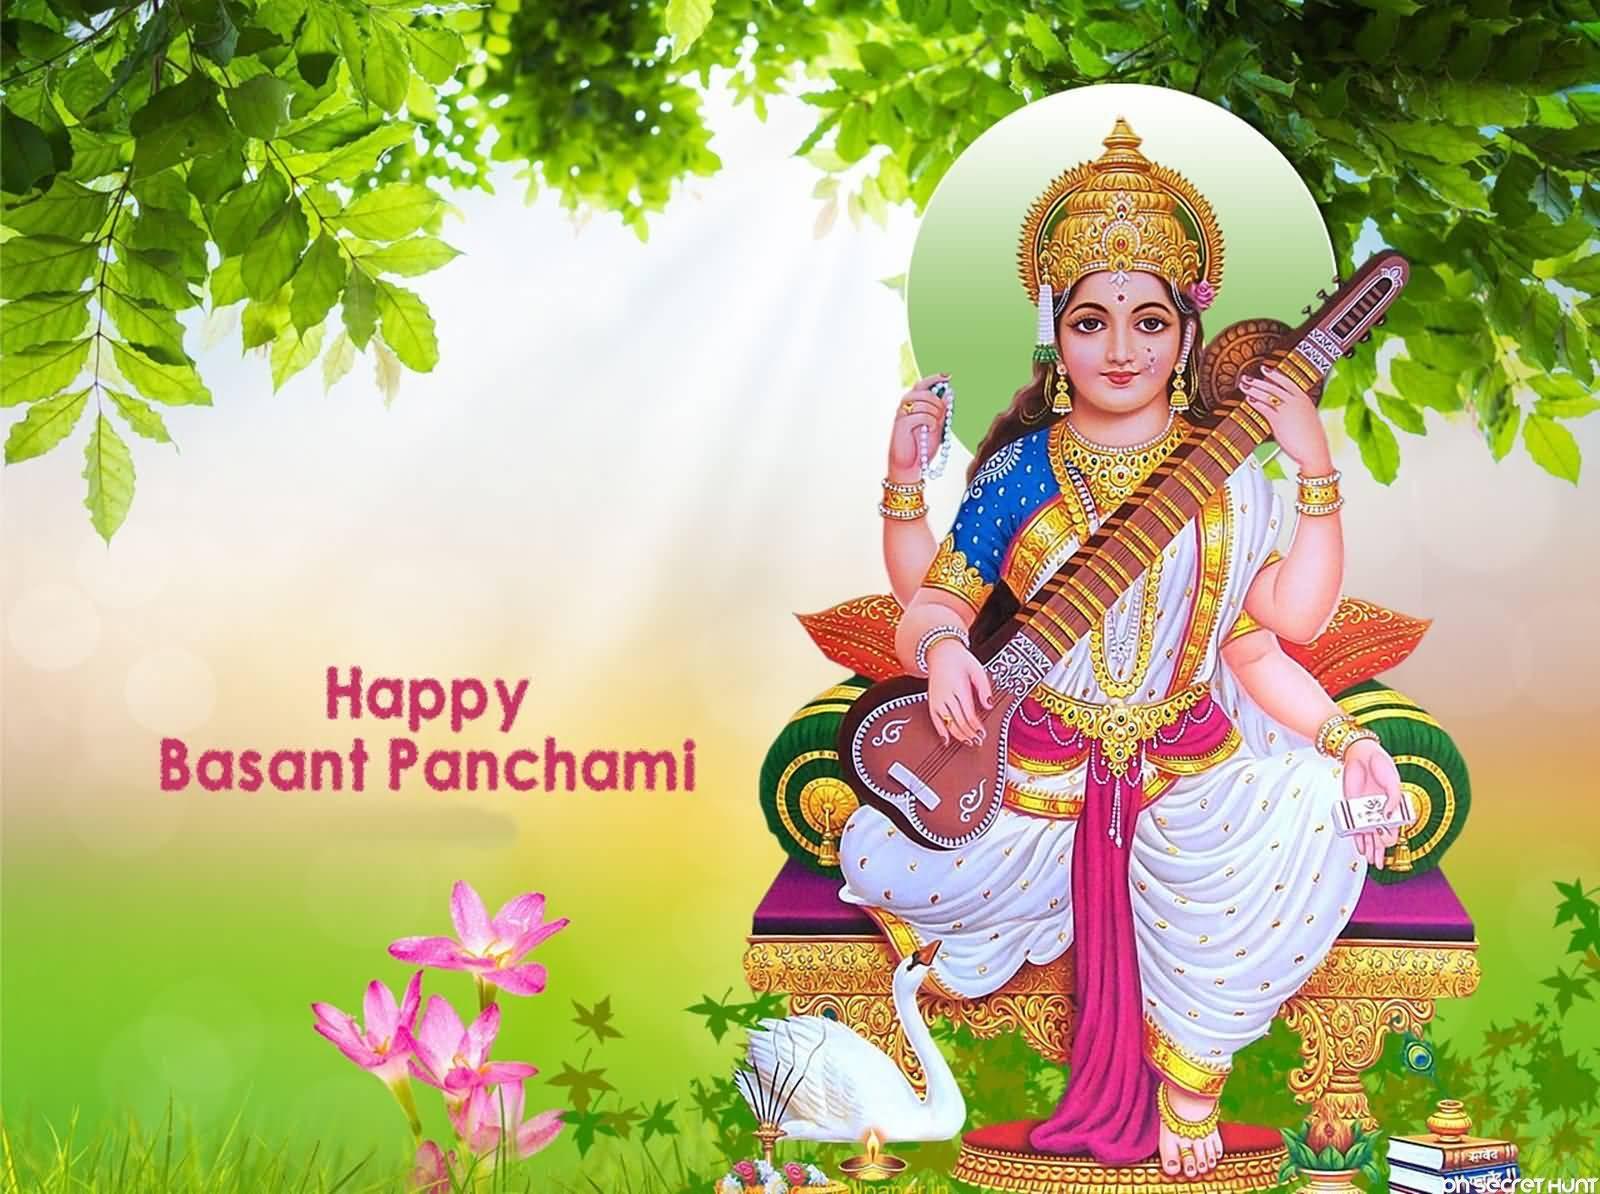 Basant Panchami 2019 Shubh Muhurat, Time for Saraswati Puja